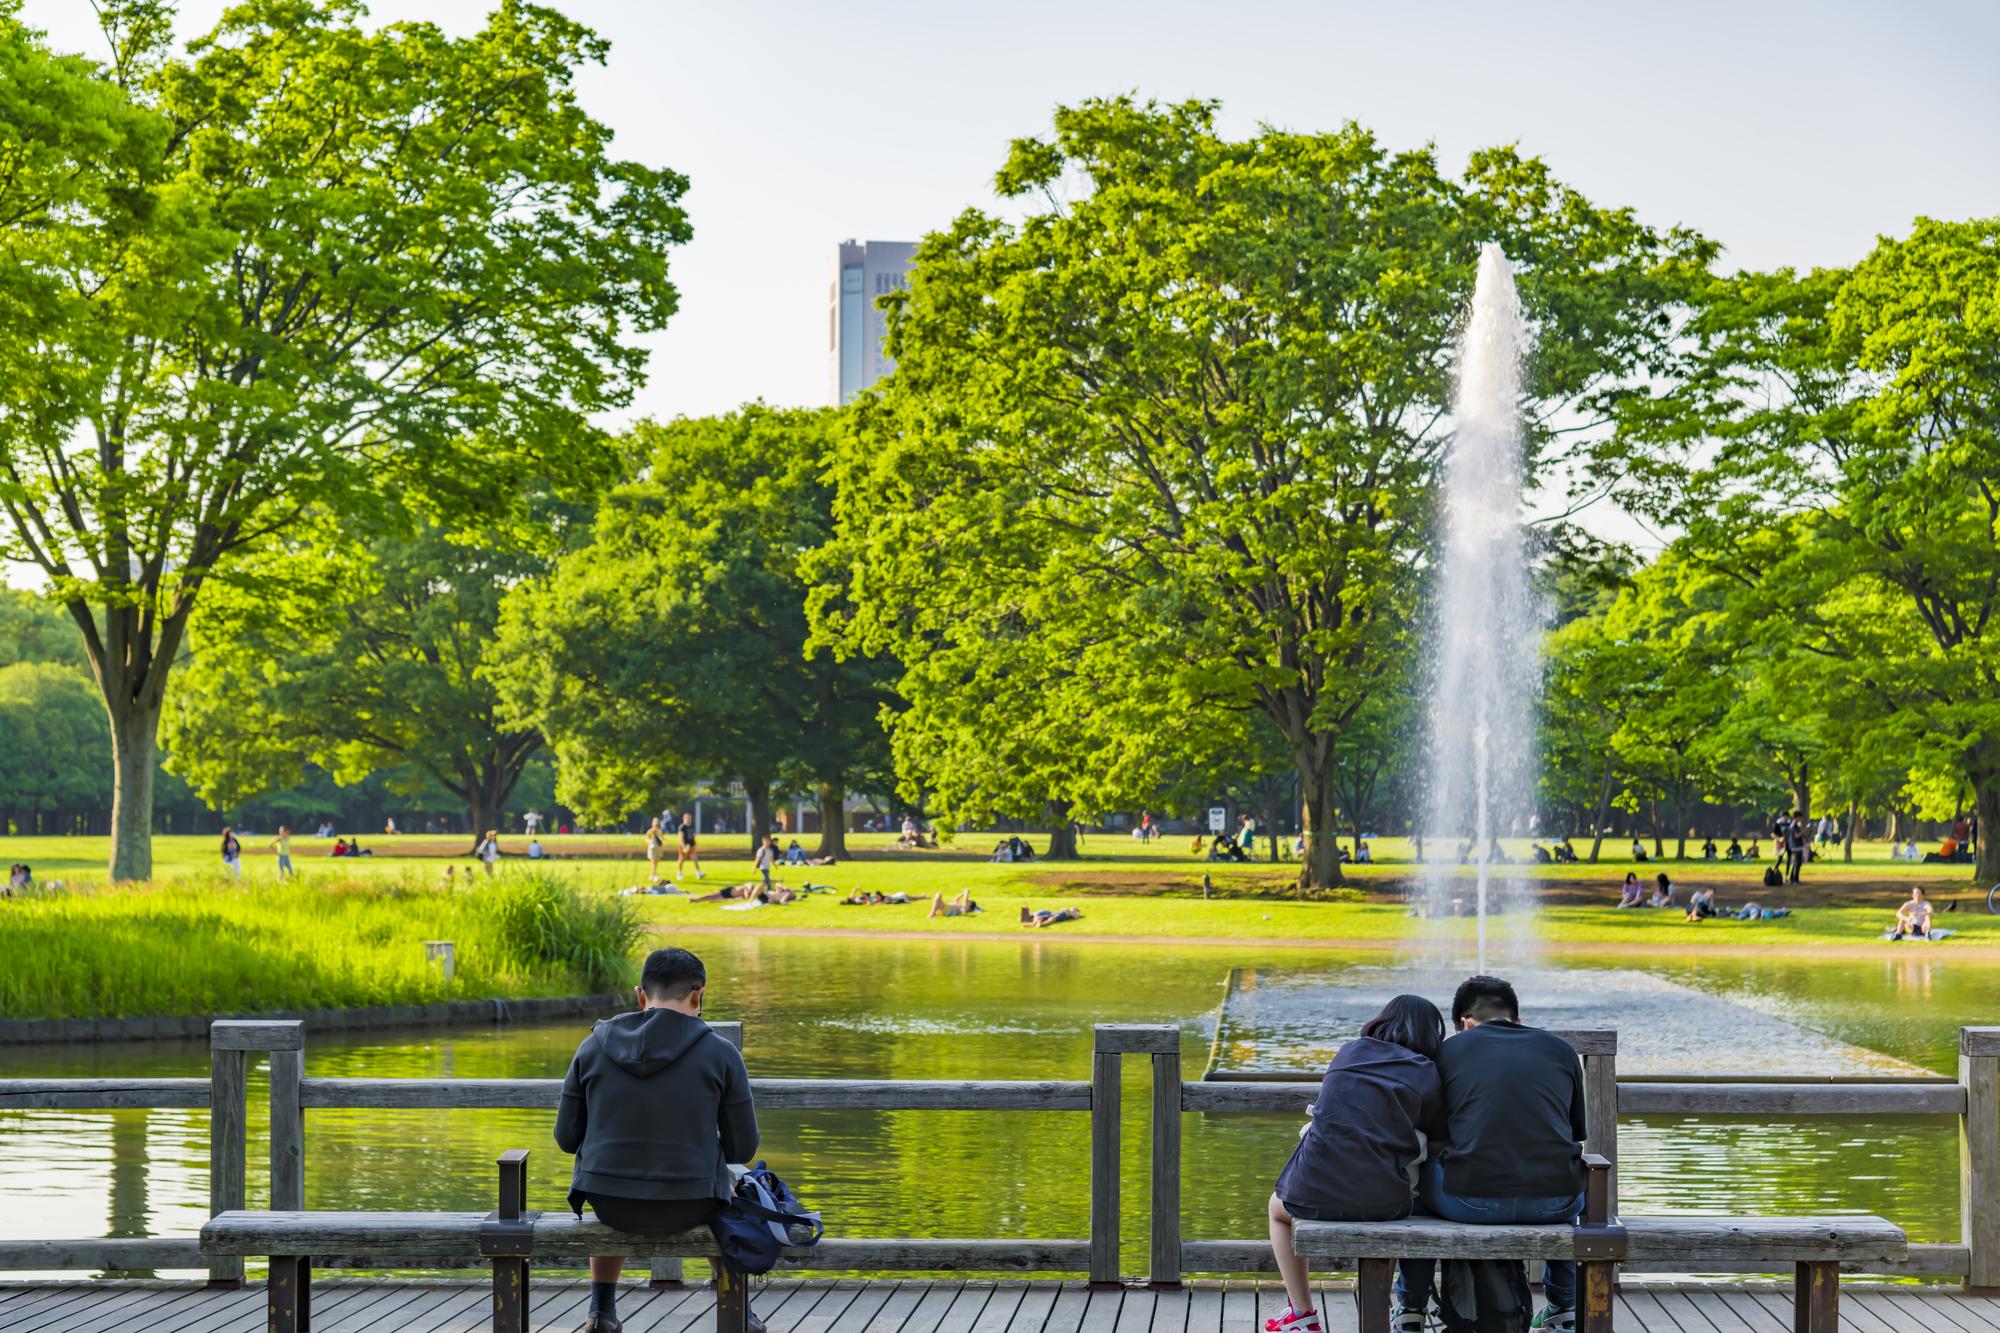 便利すぎる街「代々木」の魅力に迫る!代々木のおすすめレンタルスペース|TIME SHARING|タイムシェアリング|スペースマネジメント|あどばる|adval|SHARING